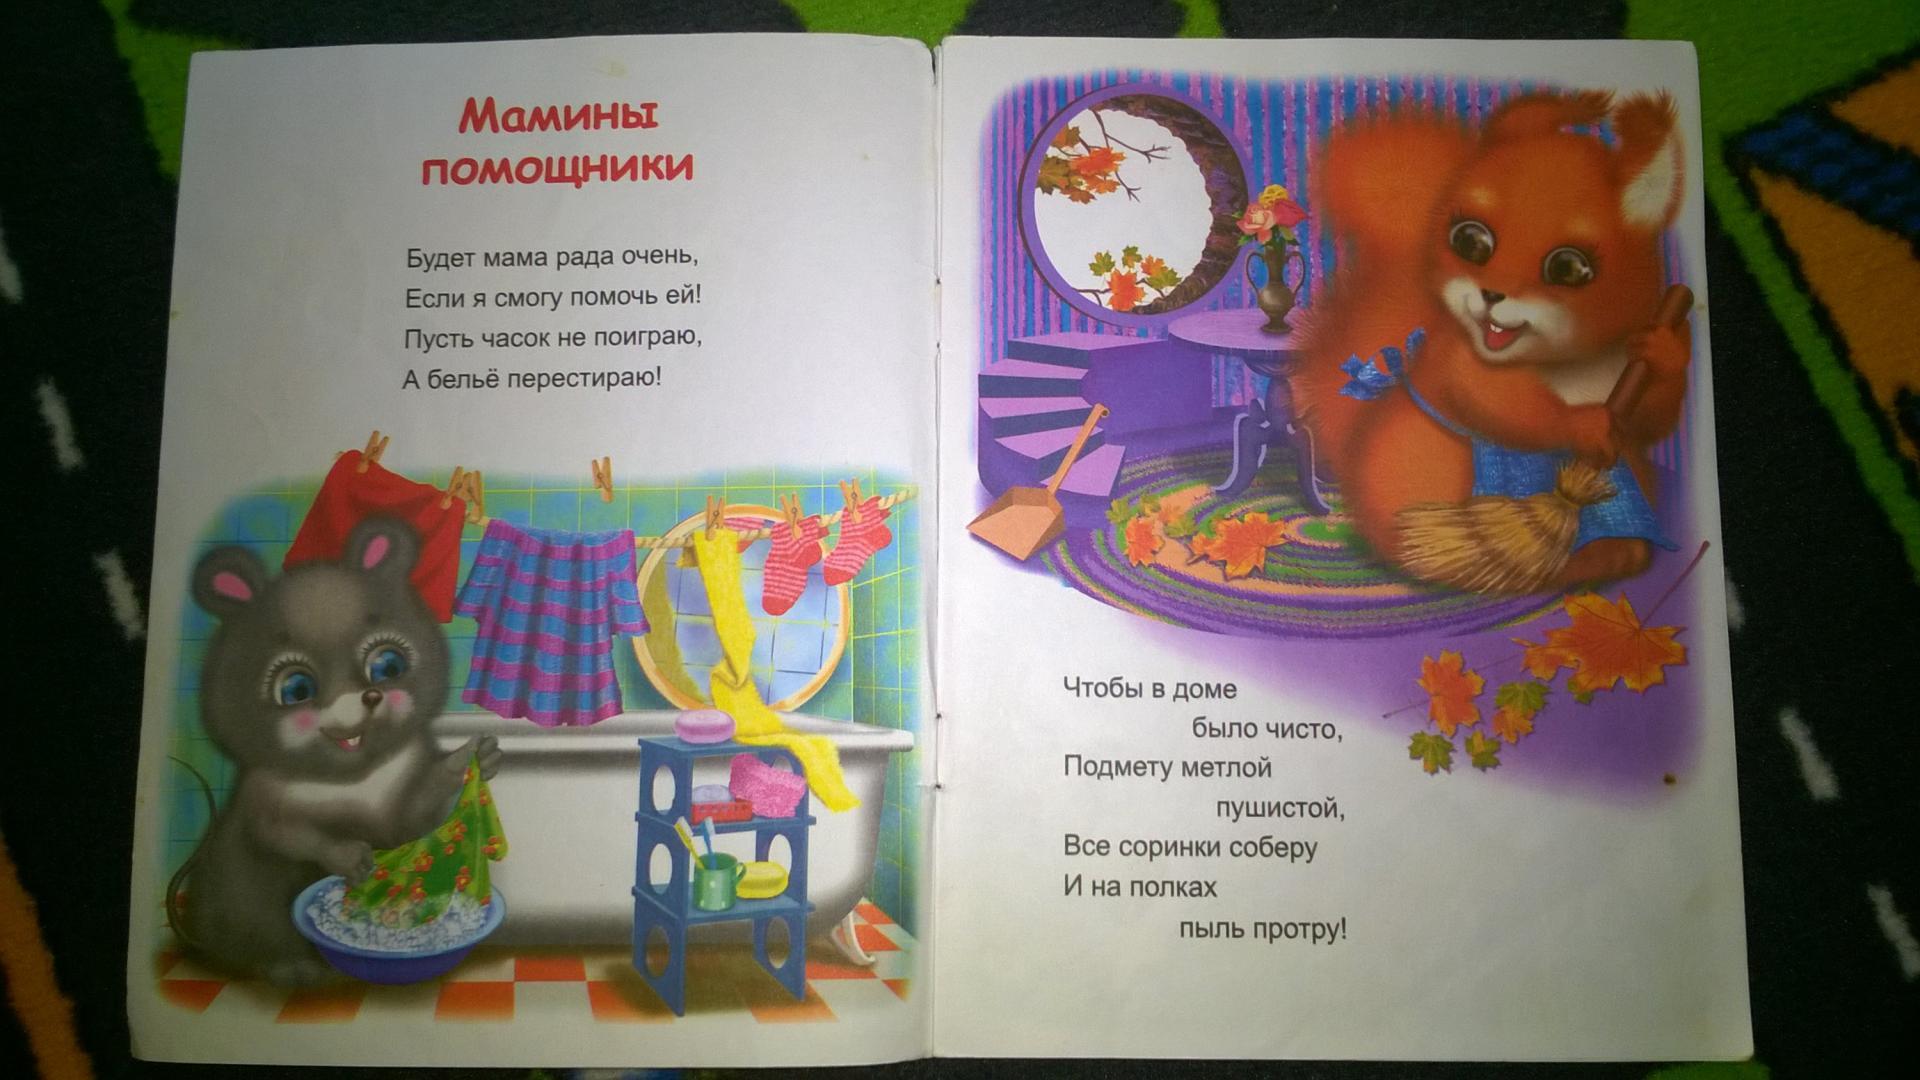 Иллюстрация 1 из 7 для Будет мама рада очень - Сергей Тетерин | Лабиринт - книги. Источник: Солнышко Светка